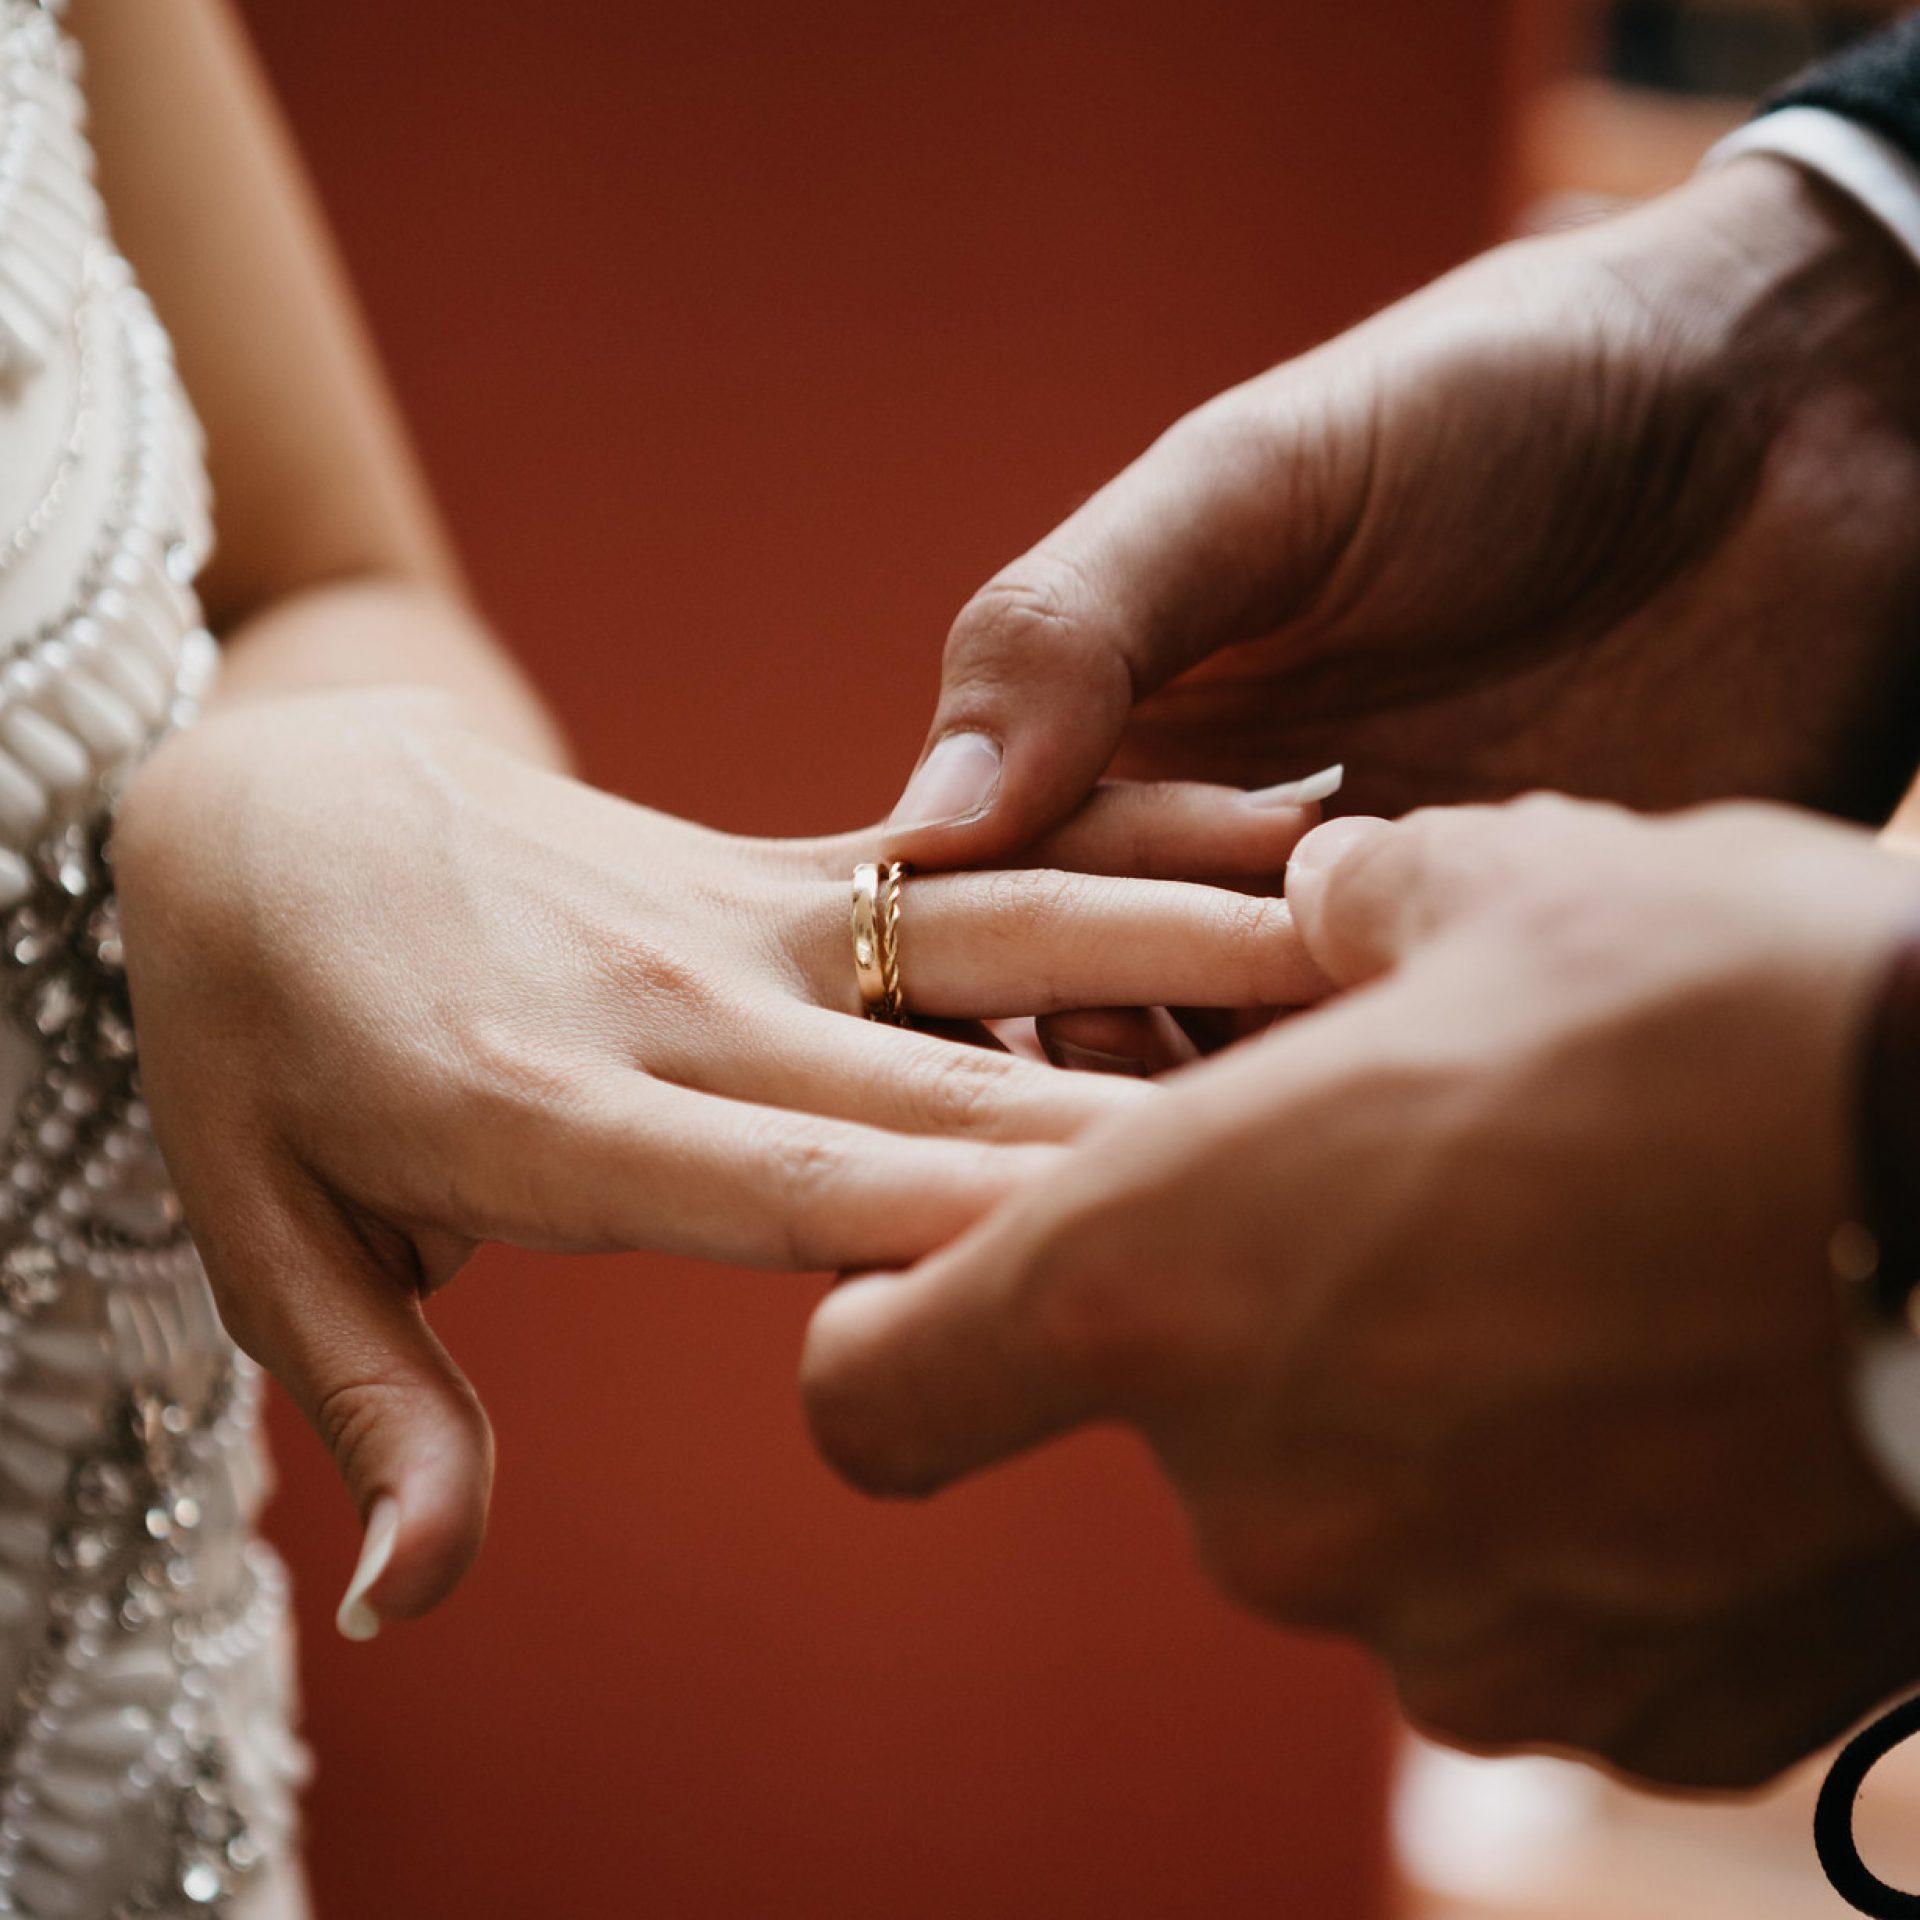 Ehering für Frau Damenring Ehering Trauring Gold Schweiz mit Gravur